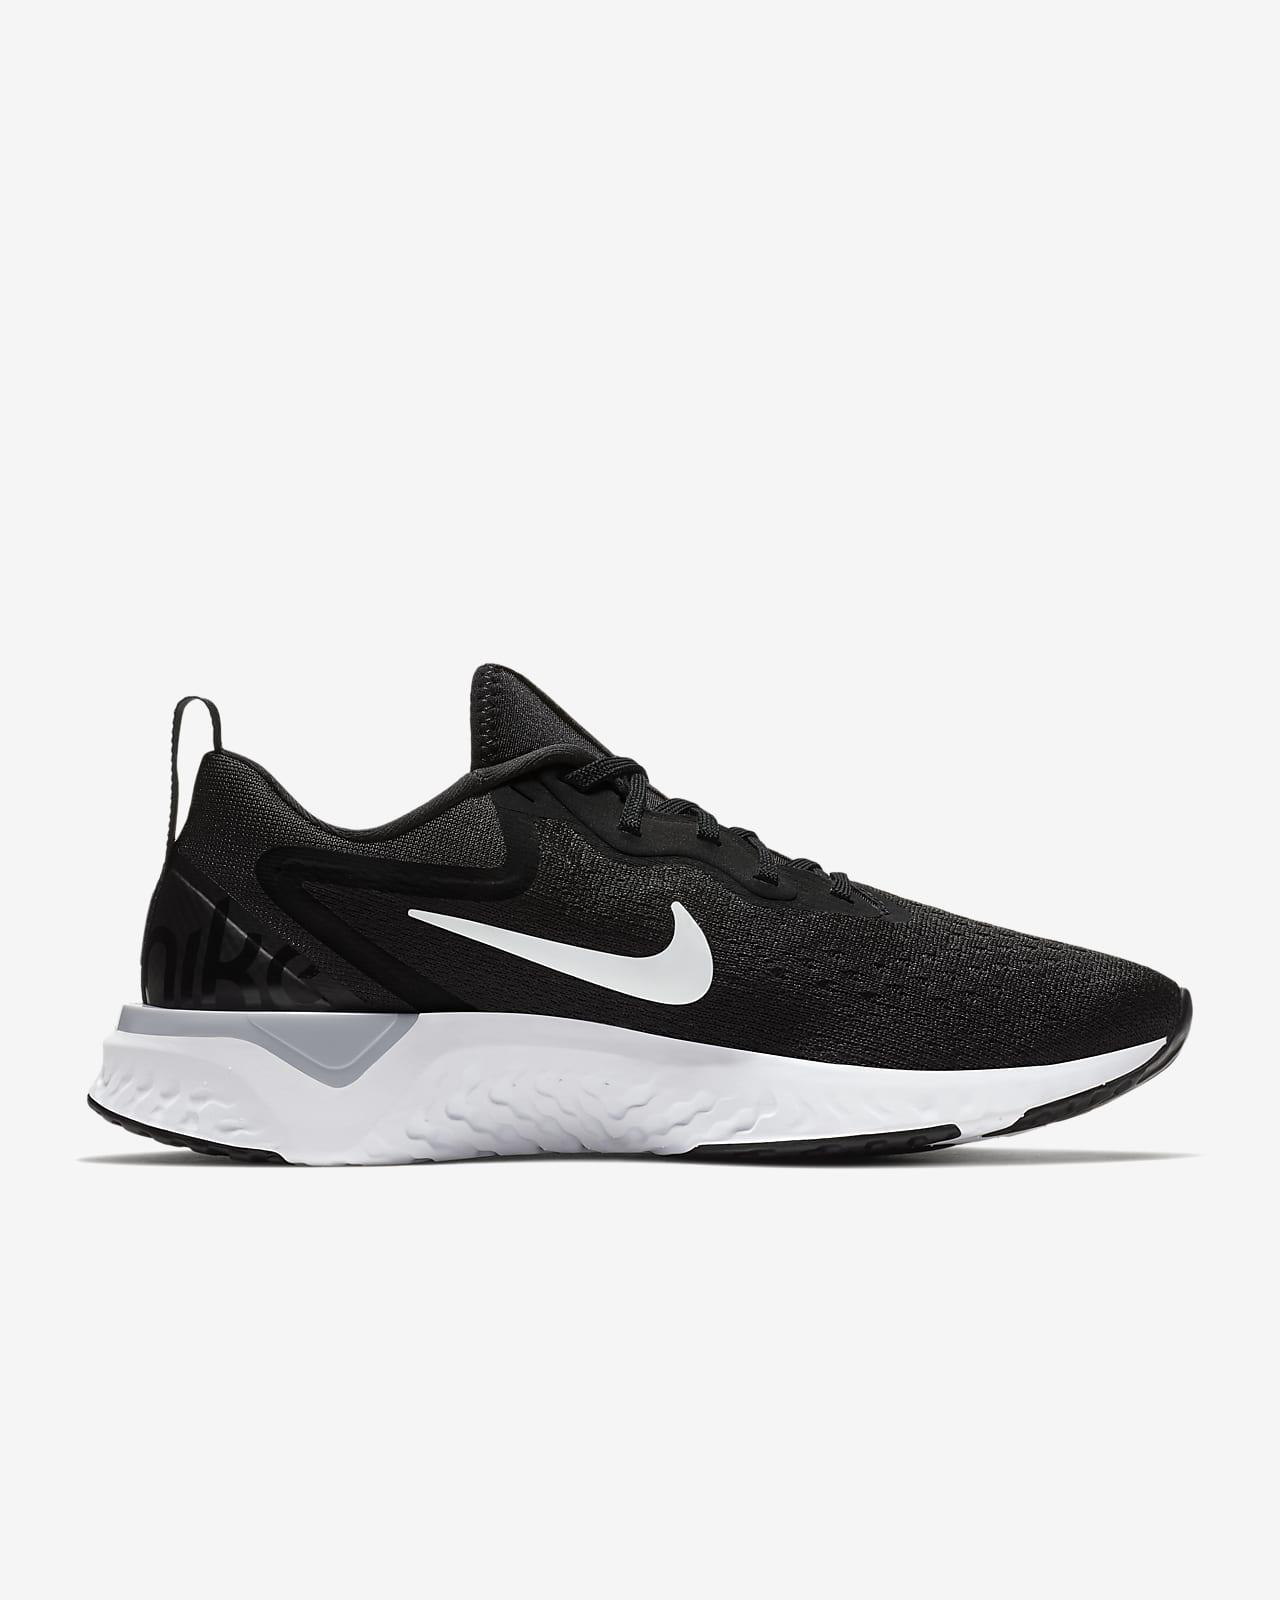 Nike Odyssey React Women's Running Shoe